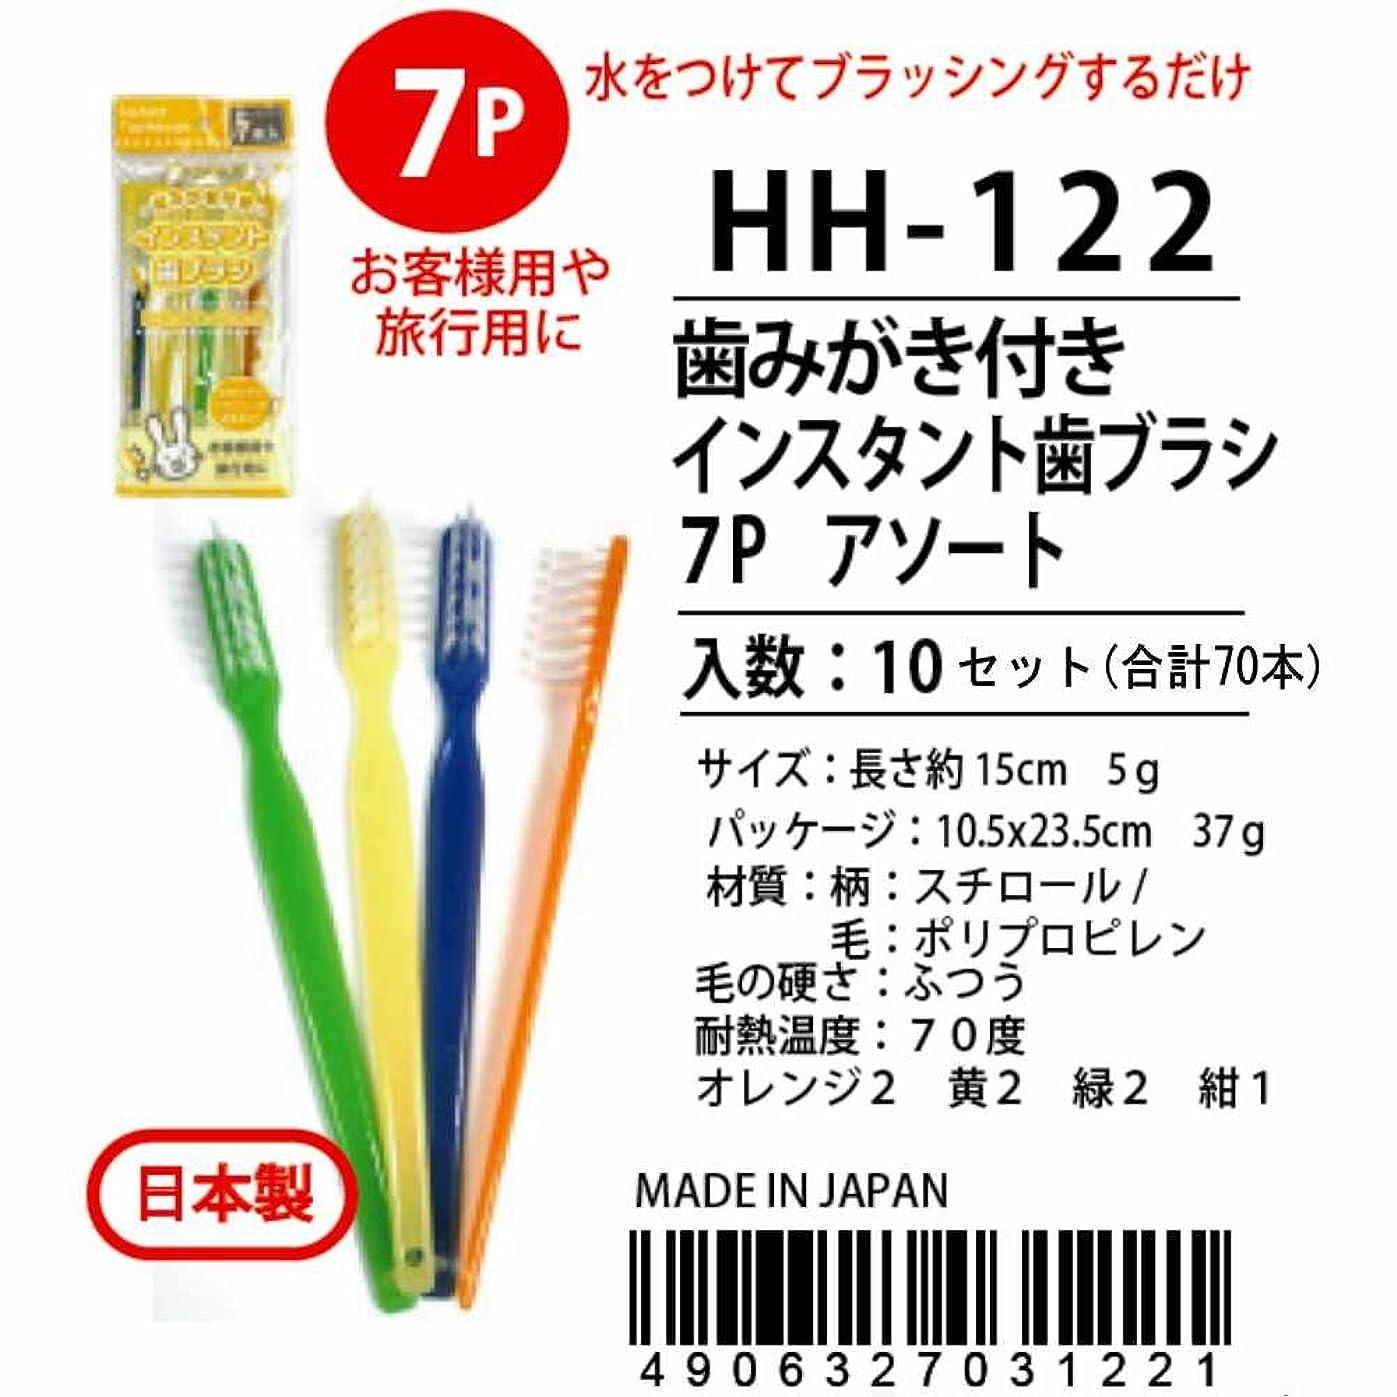 クロス剥ぎ取る喜劇スバル 歯みがき付きインスタント歯ブラシ7P アソート HH-122 【まとめ買い10個セット】